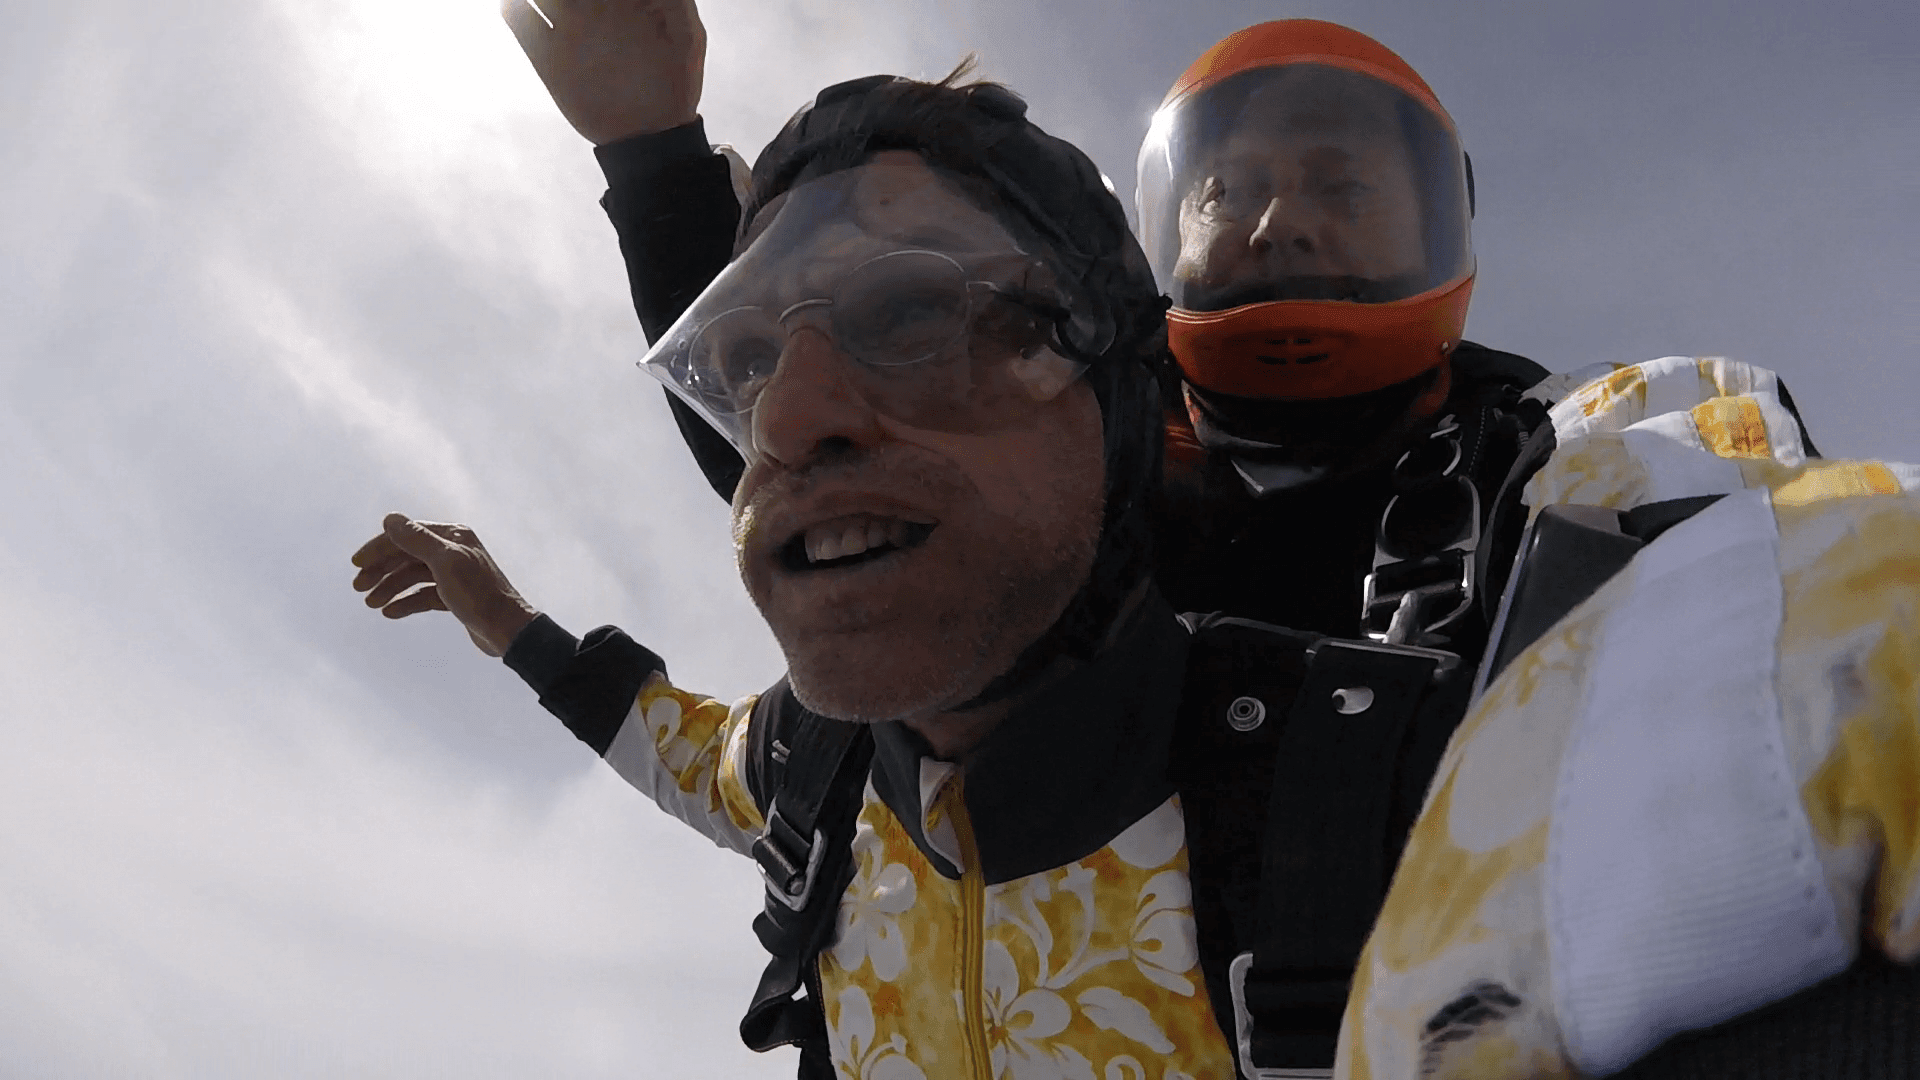 Mund offen beim Tandem Fallschirmsprung im Freifall